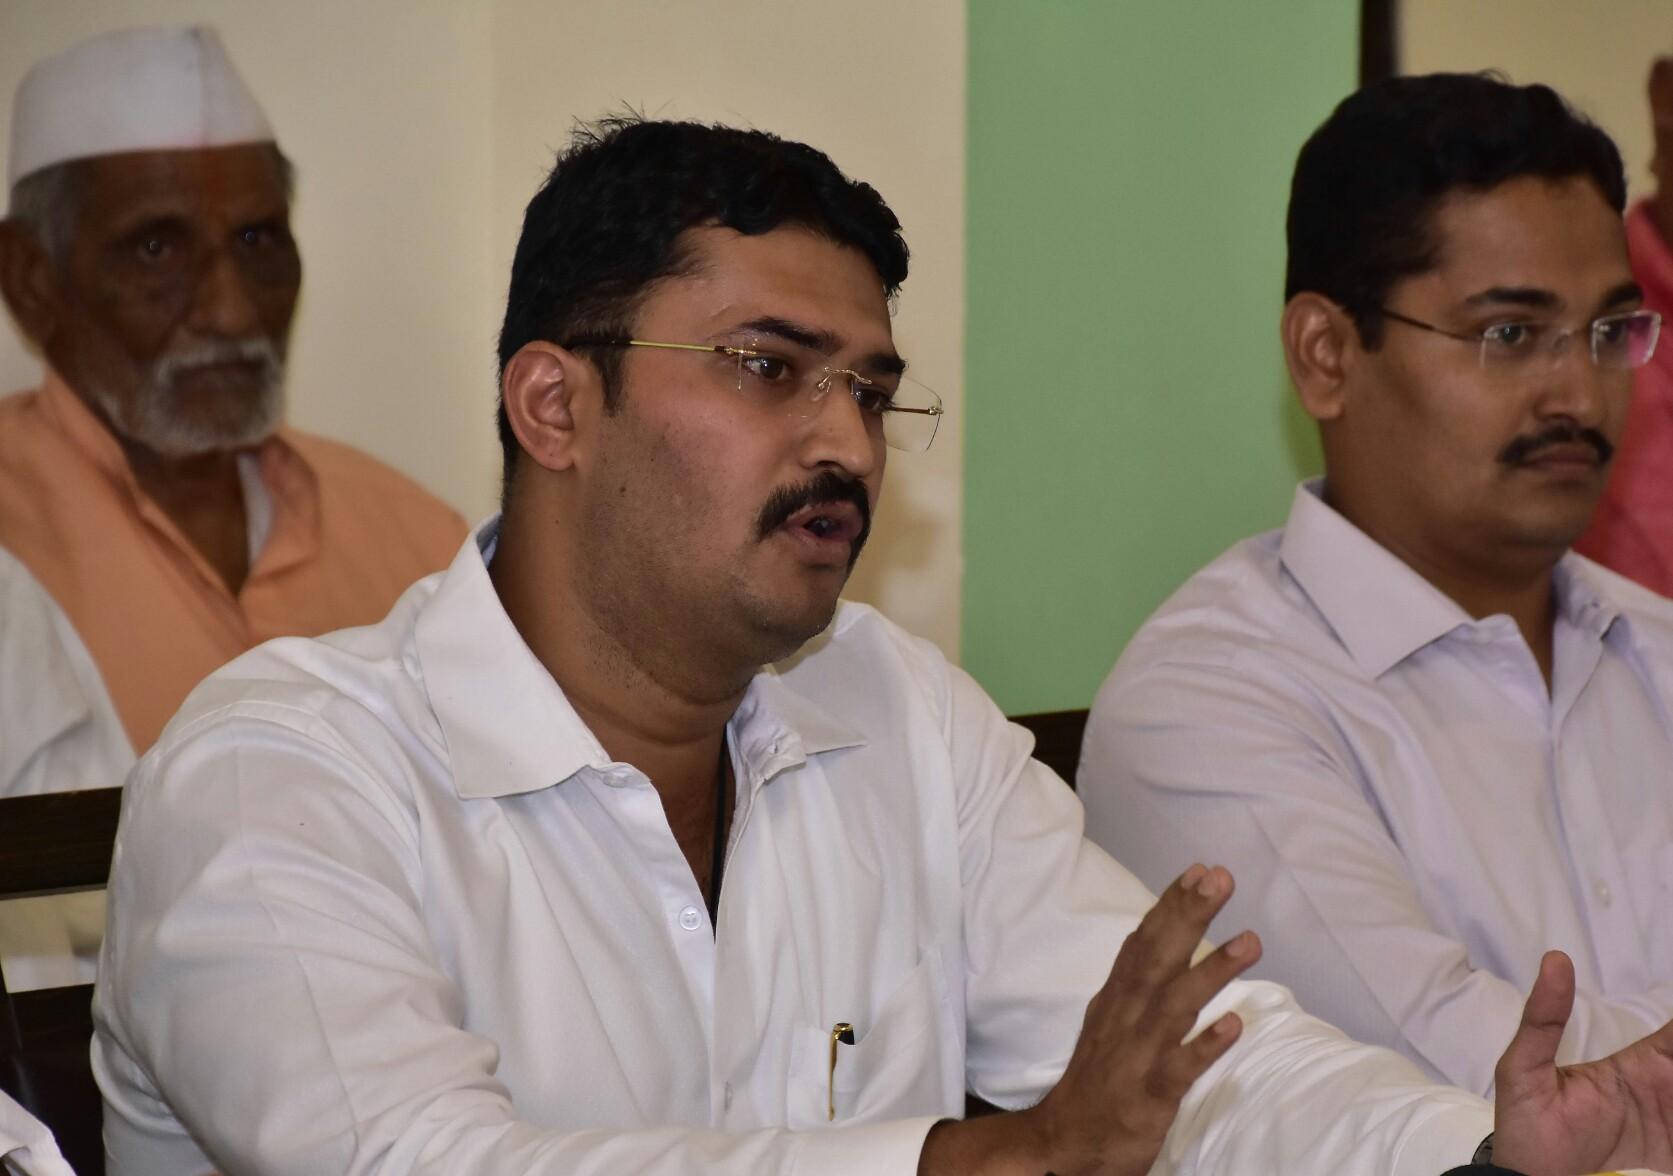 उद्योगनगरीतील कष्टकरी, माथाडी कामगारांच्या कुटुंबियांसाठी मोफत आरोग्य केंद्र; राज्यातील पहिलाच उपक्रम